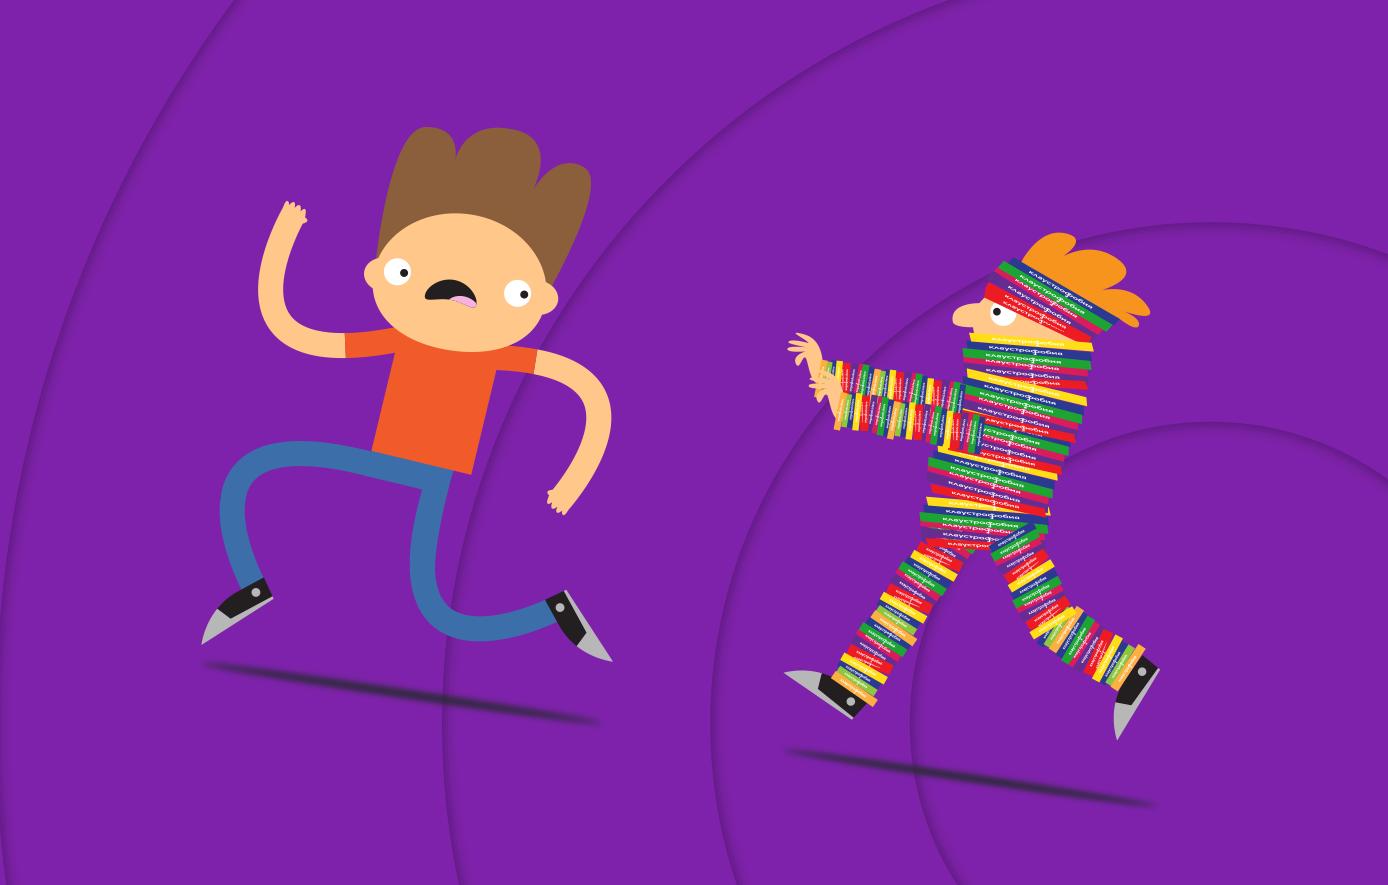 Квест в стиле «прятки»: новая версия детской игры